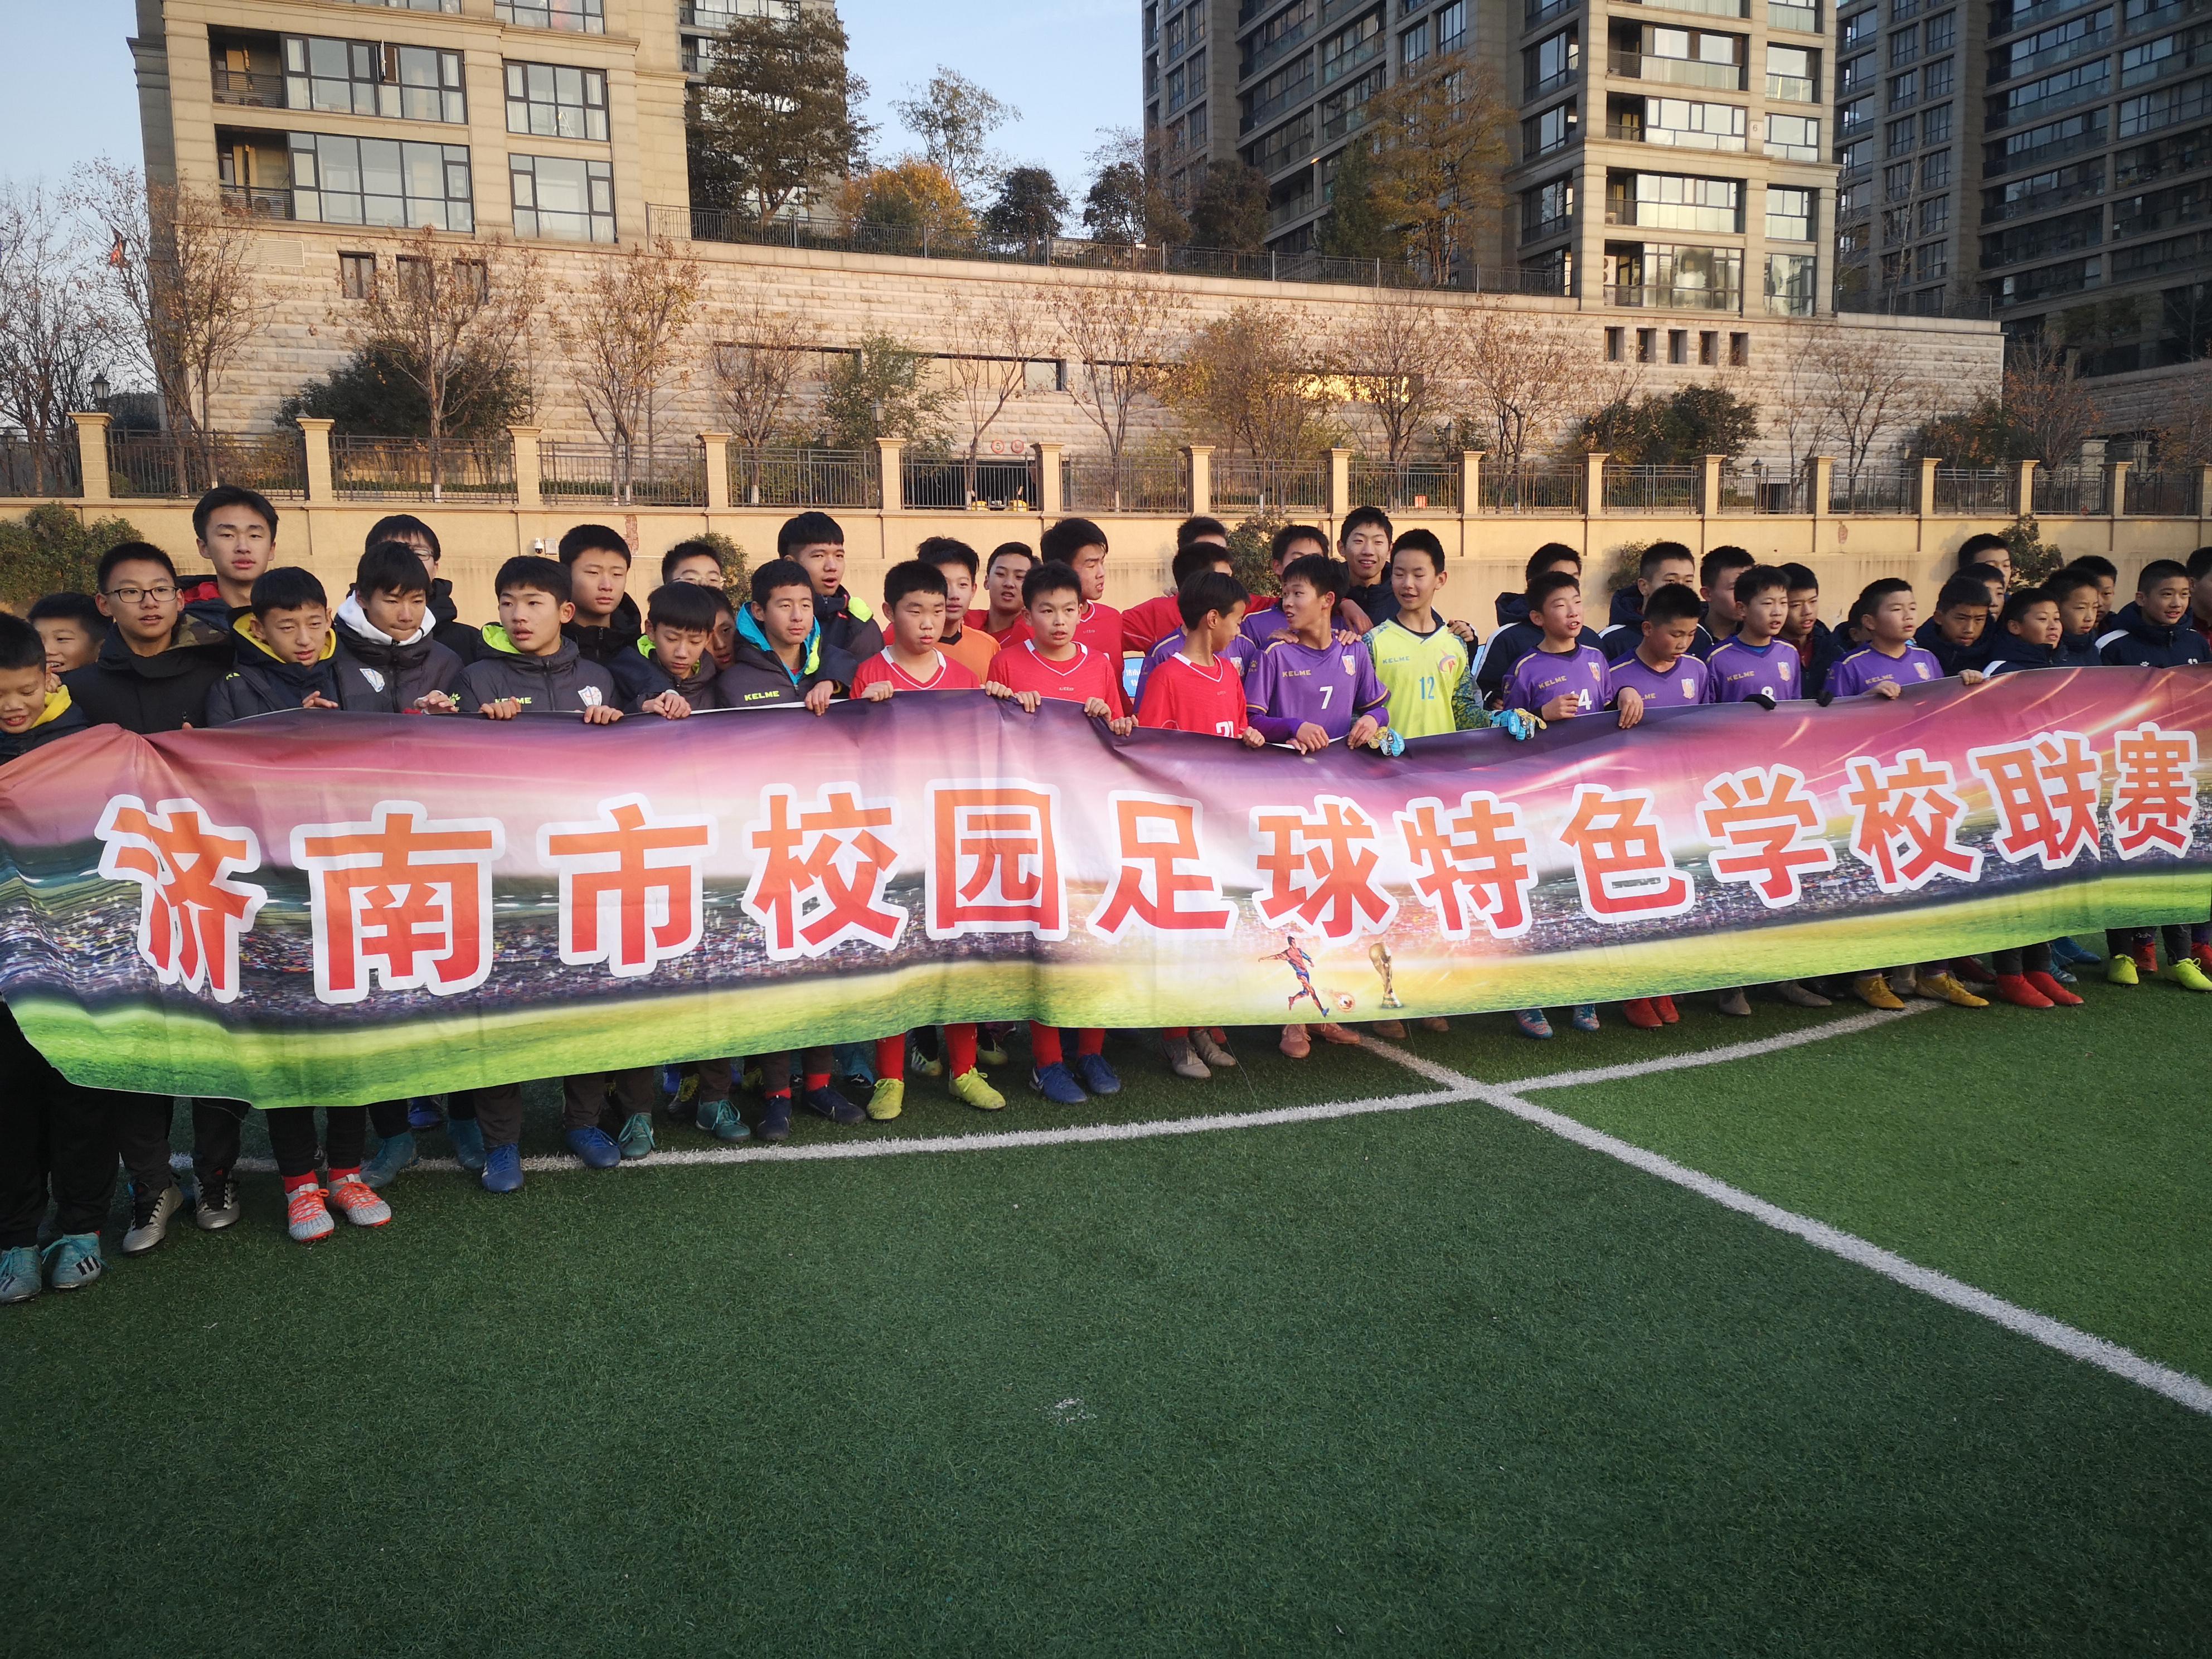 甸柳一中夺冠 !济南市校园足球特色学校足球联赛男子初中组圆满落幕